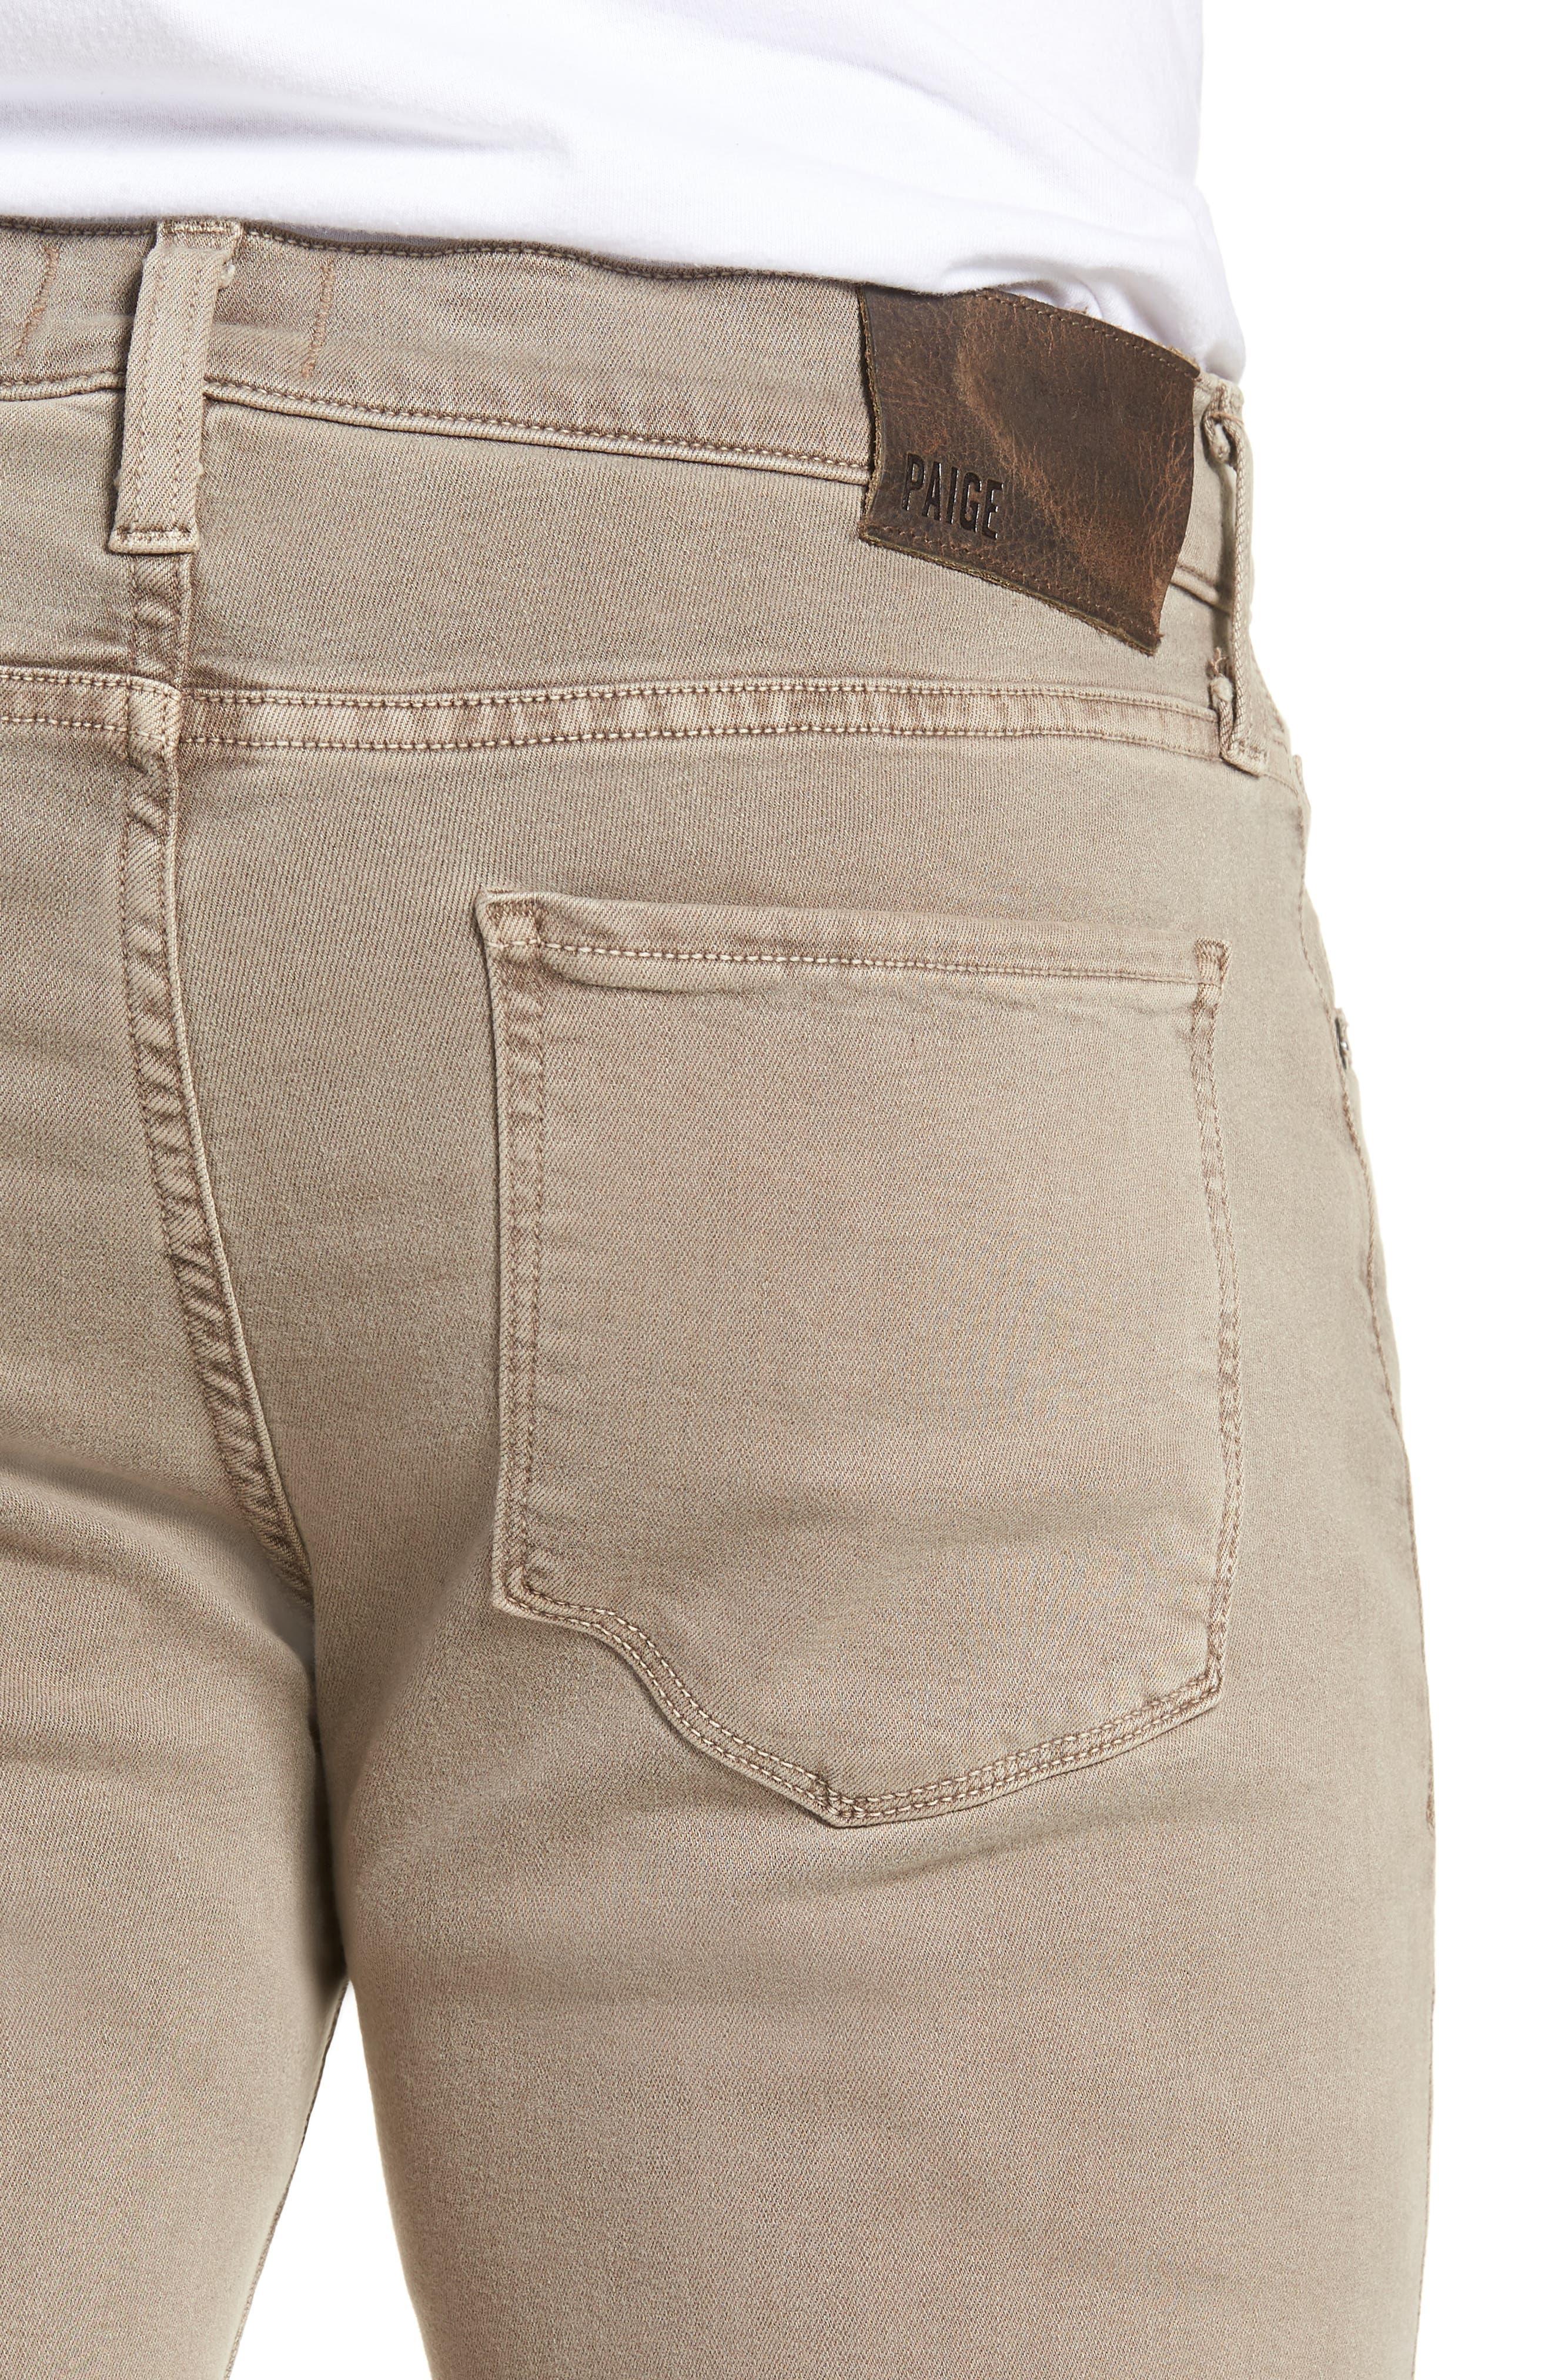 Federal Slim Straight Leg Jeans,                             Alternate thumbnail 4, color,                             VINTAGE MUSHROOM